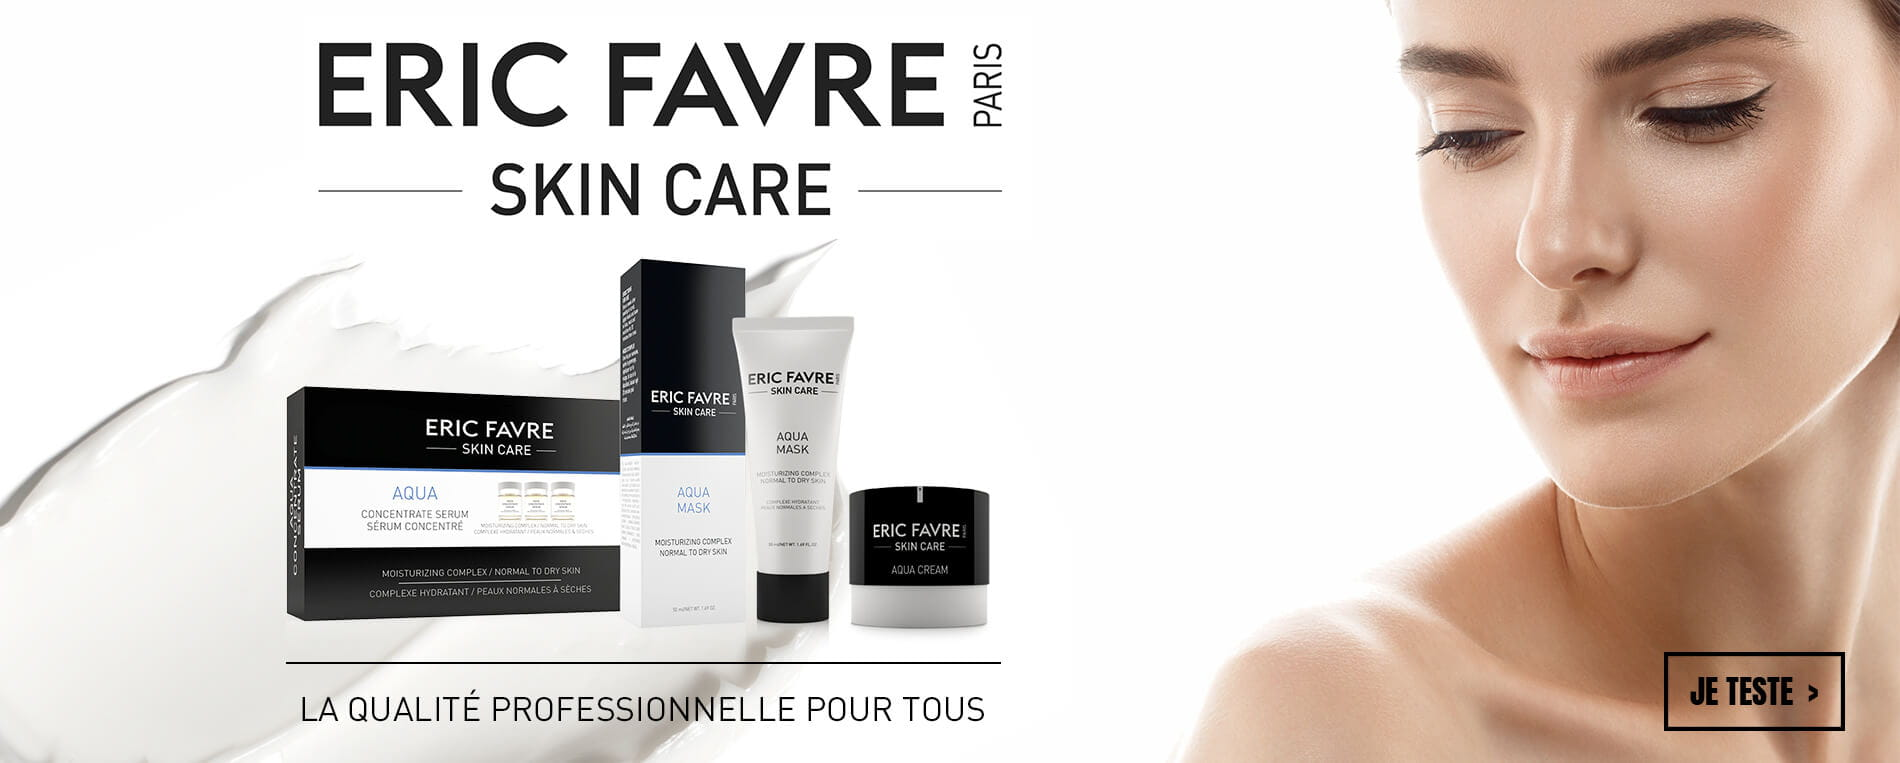 Eric Favre Skin care, la qualité professionnelle pour tous